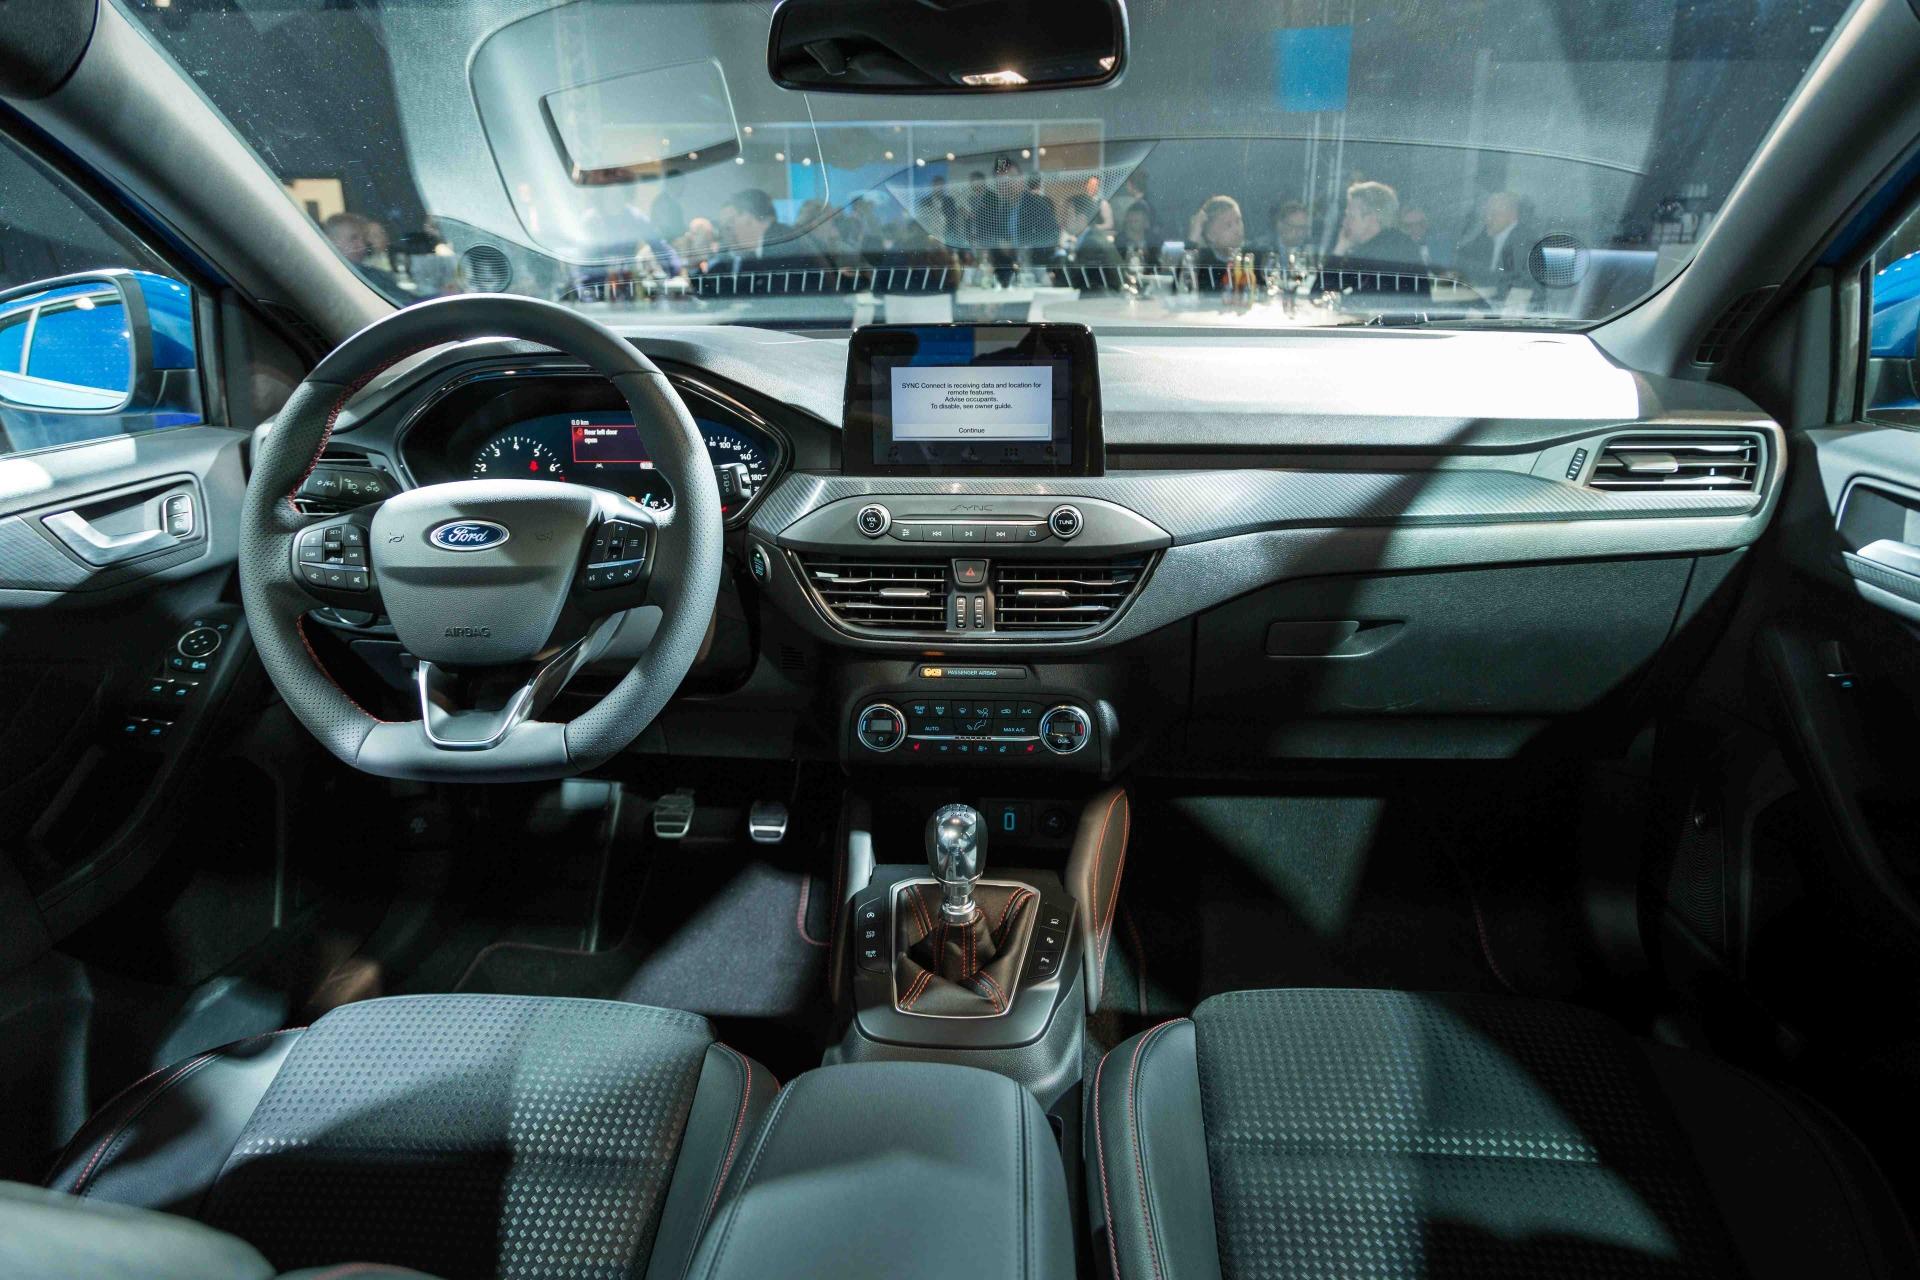 Focus St 2018 >> Ford Focus 4 (2018). A bord de la nouvelle Focus en vidéo - Photo #24 - L'argus